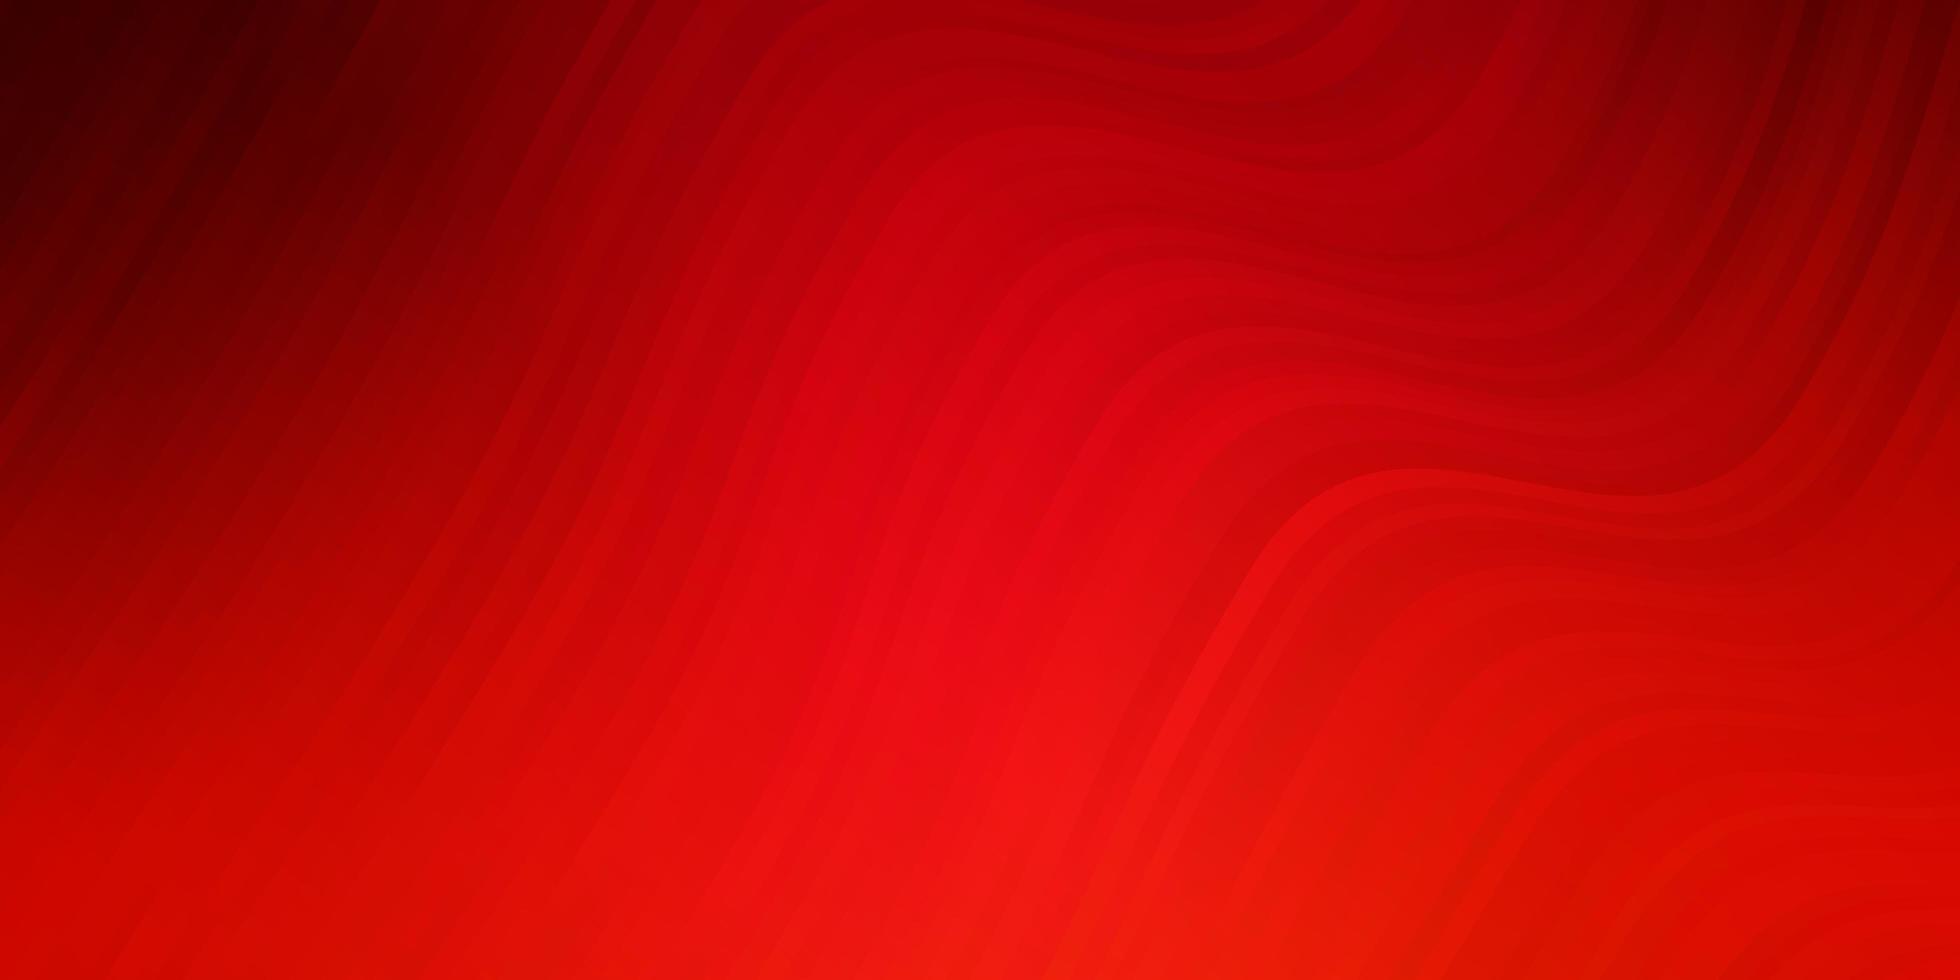 ljusröd vektorbakgrund med böjda linjer. vektor